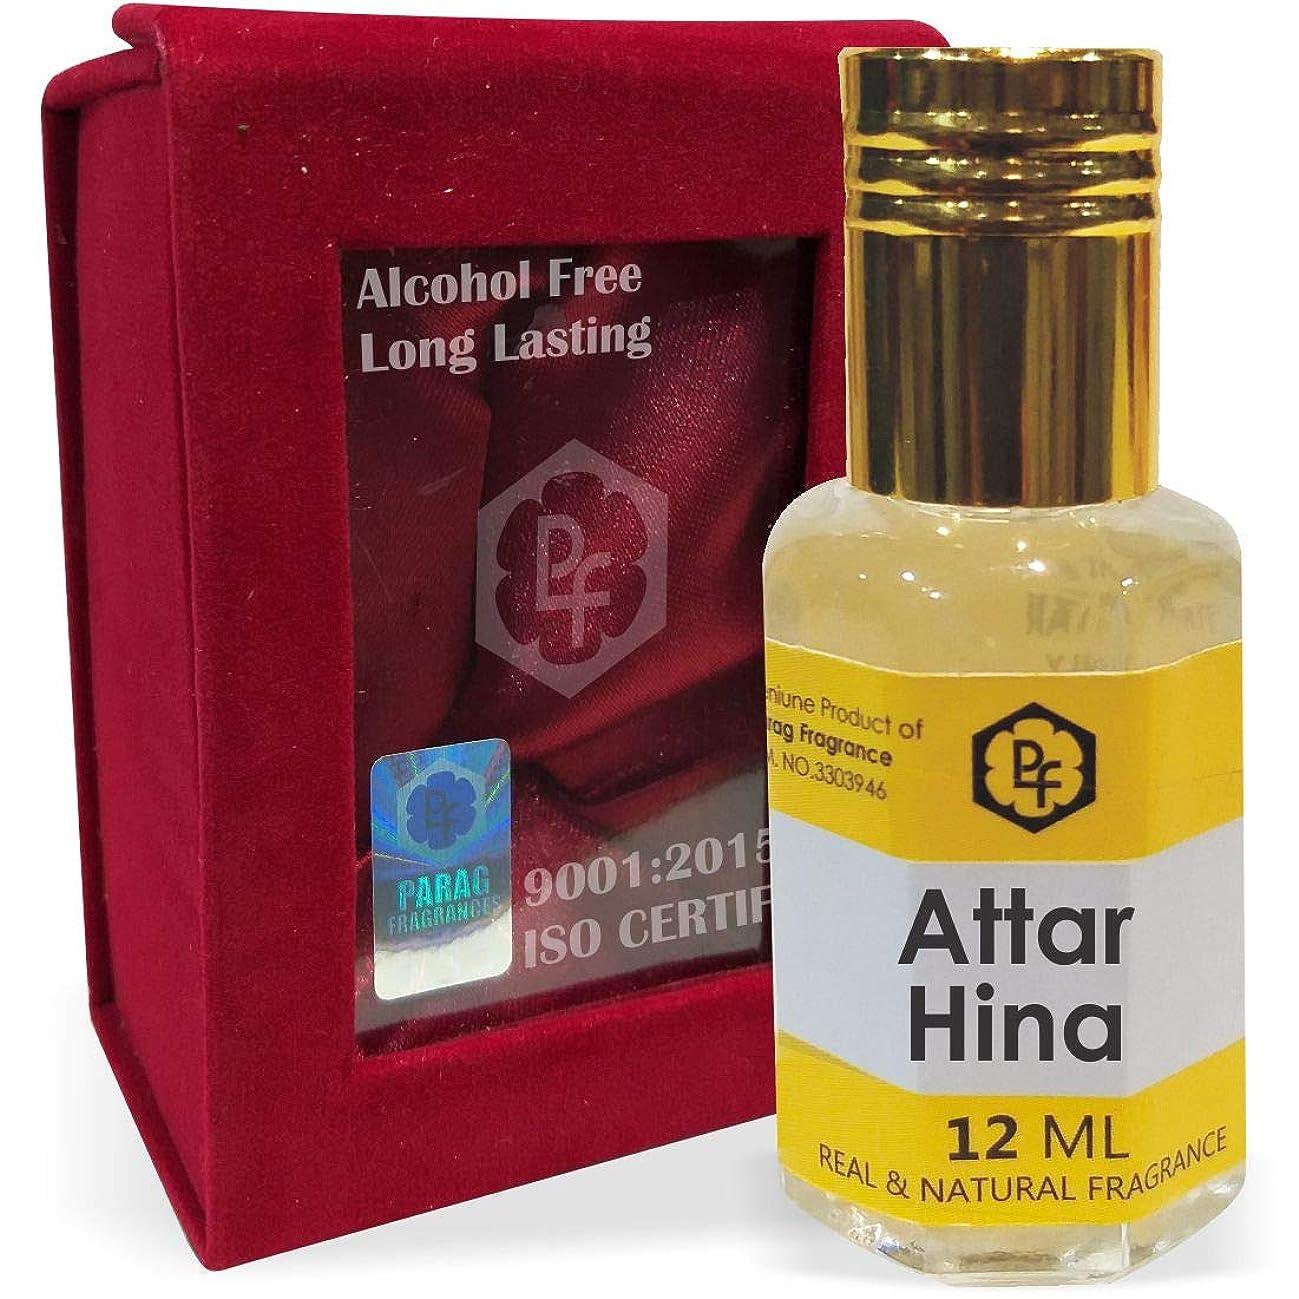 時計シルク進化する手作りのベルベットボックスParagフレグランスひな12ミリリットルアター/香油/(インドの伝統的なBhapka処理方法により、インド製)フレグランスオイル|アターITRA最高の品質長持ち